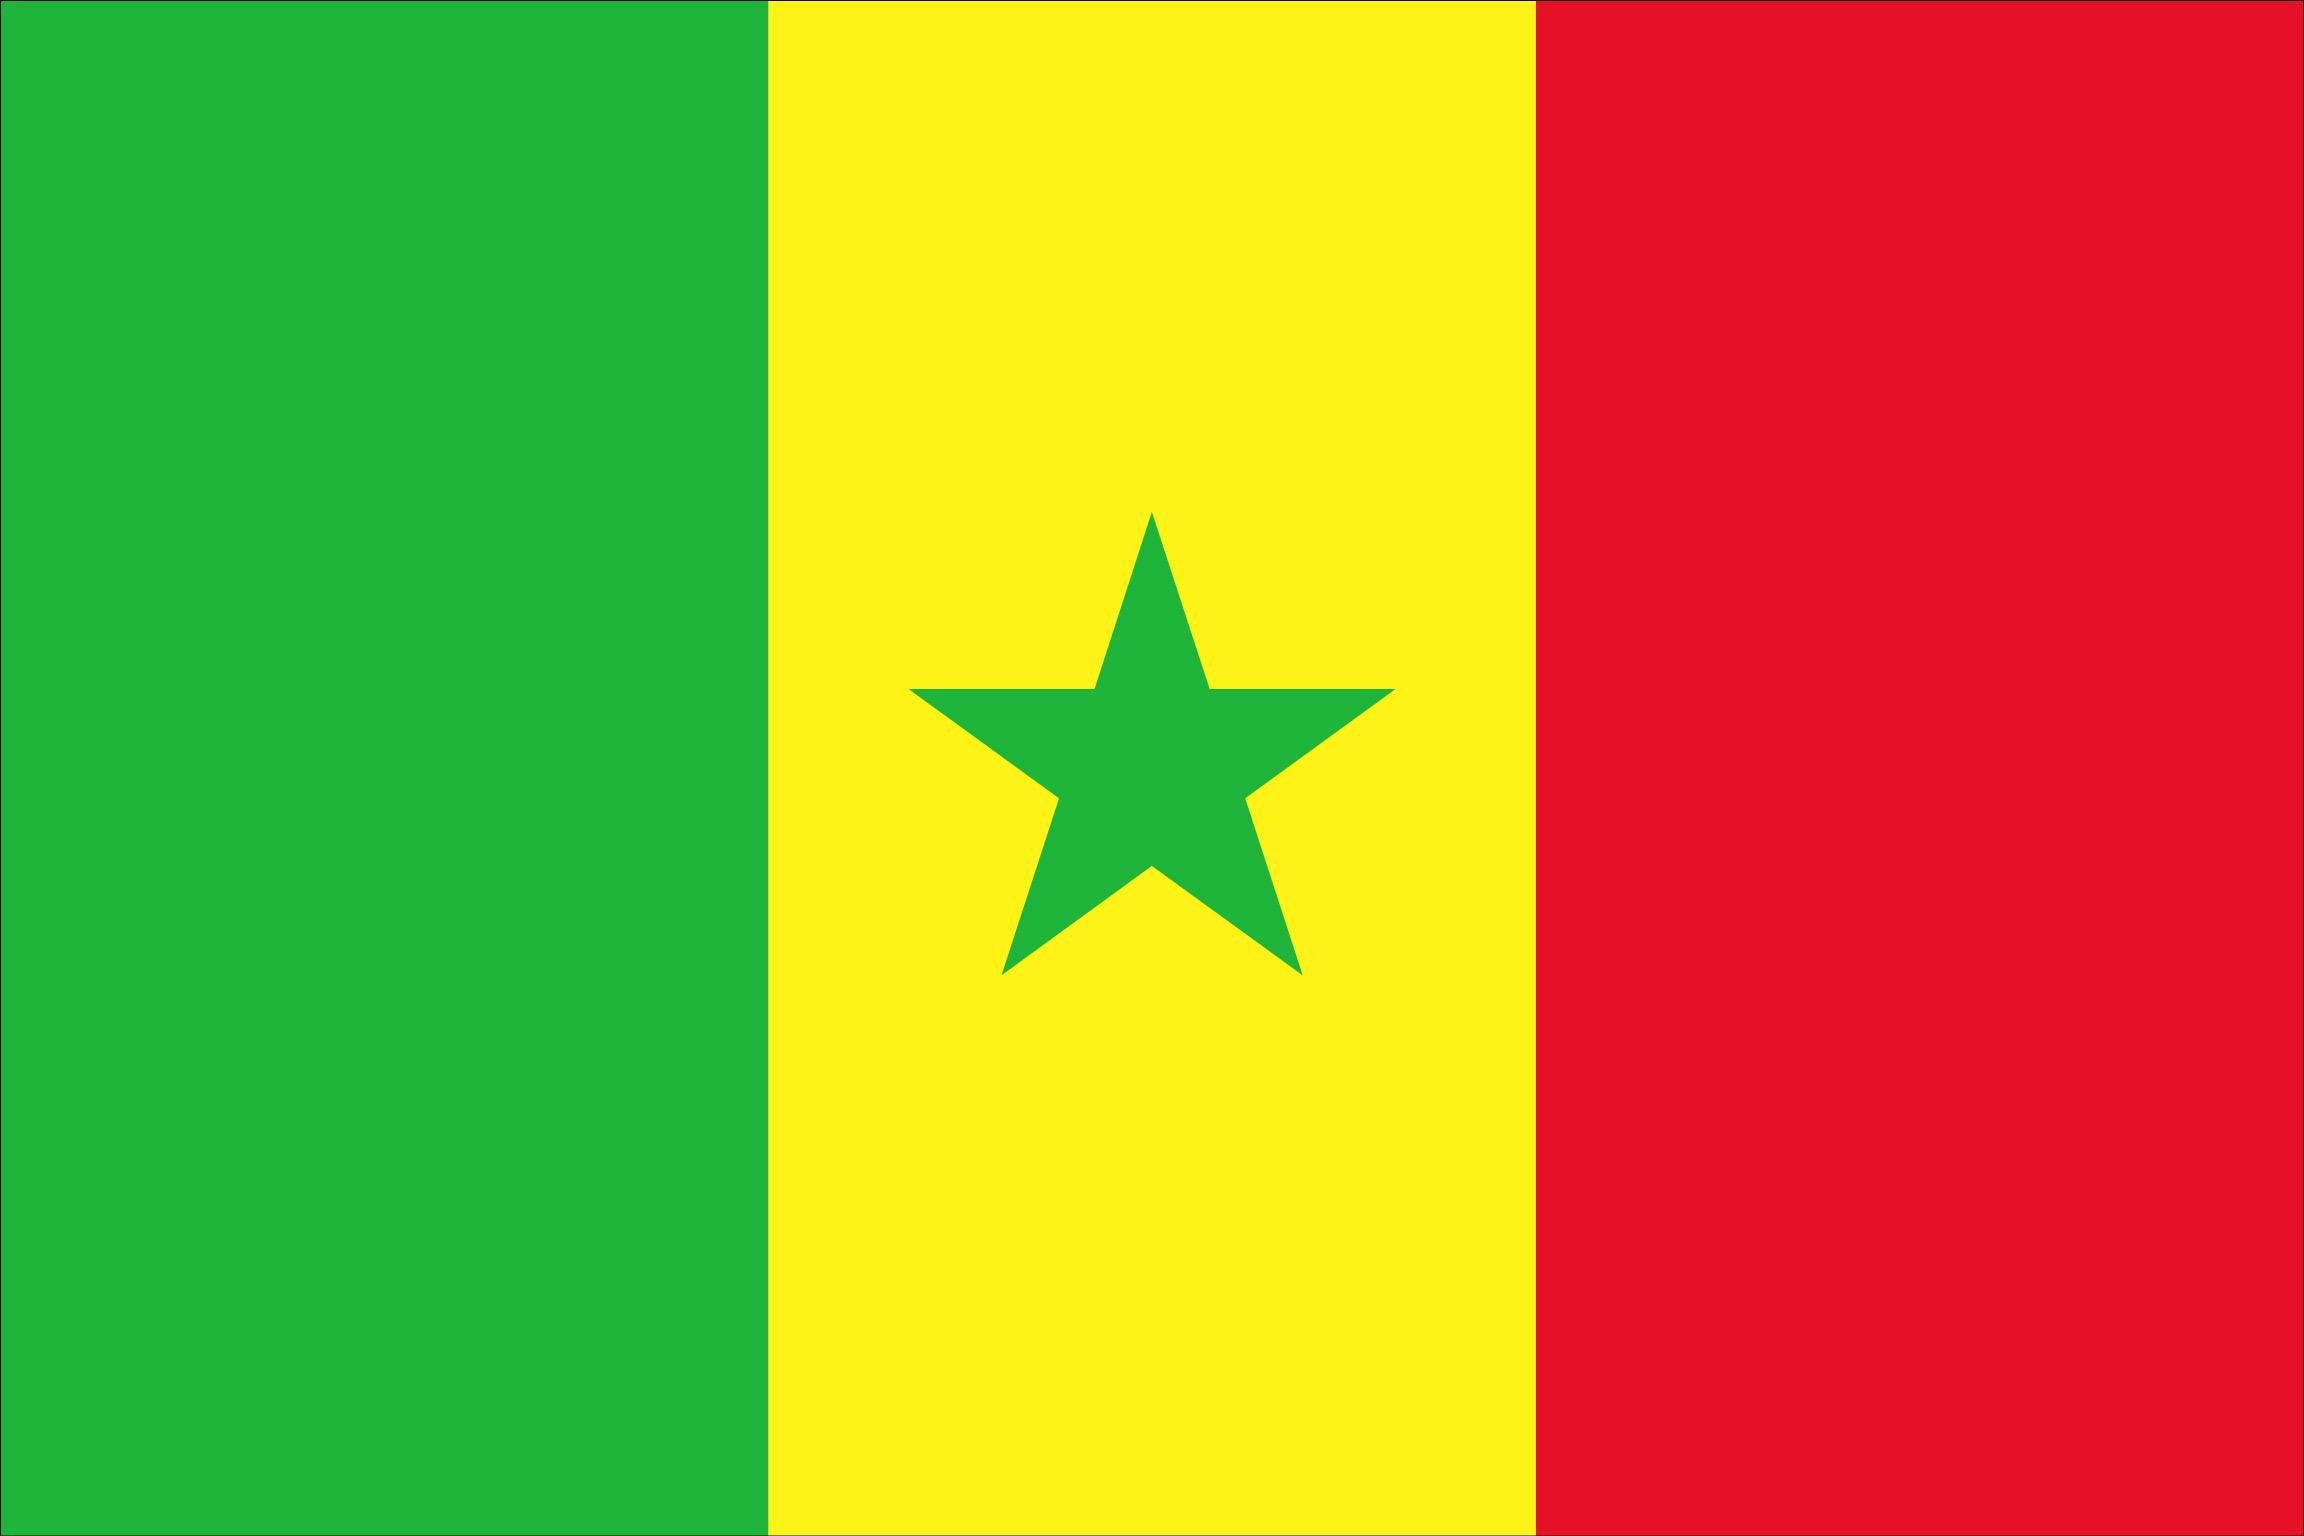 """Senegal: """"Contamos con alrededor de 300 mil civiles refugiados que abandonaron el país tras el conflicto con el gobierno"""""""